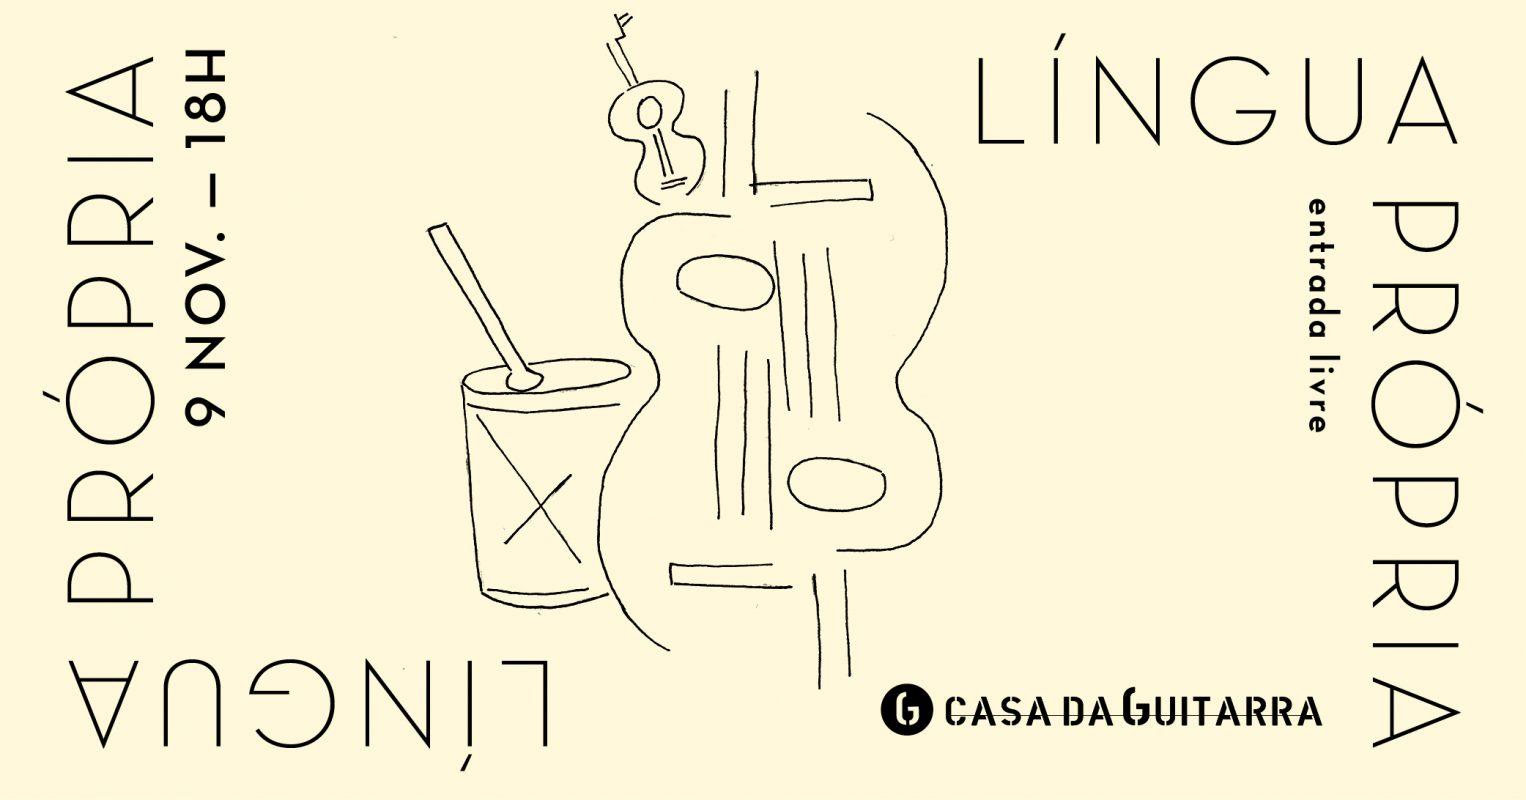 Língua Própria é um projecto musical que, partindo do cancioneiro tradicional português, procura reinventar cantares e tocares populares, trazendo-os para o mundo dos cordofones, da voz e percussões portuguesas.